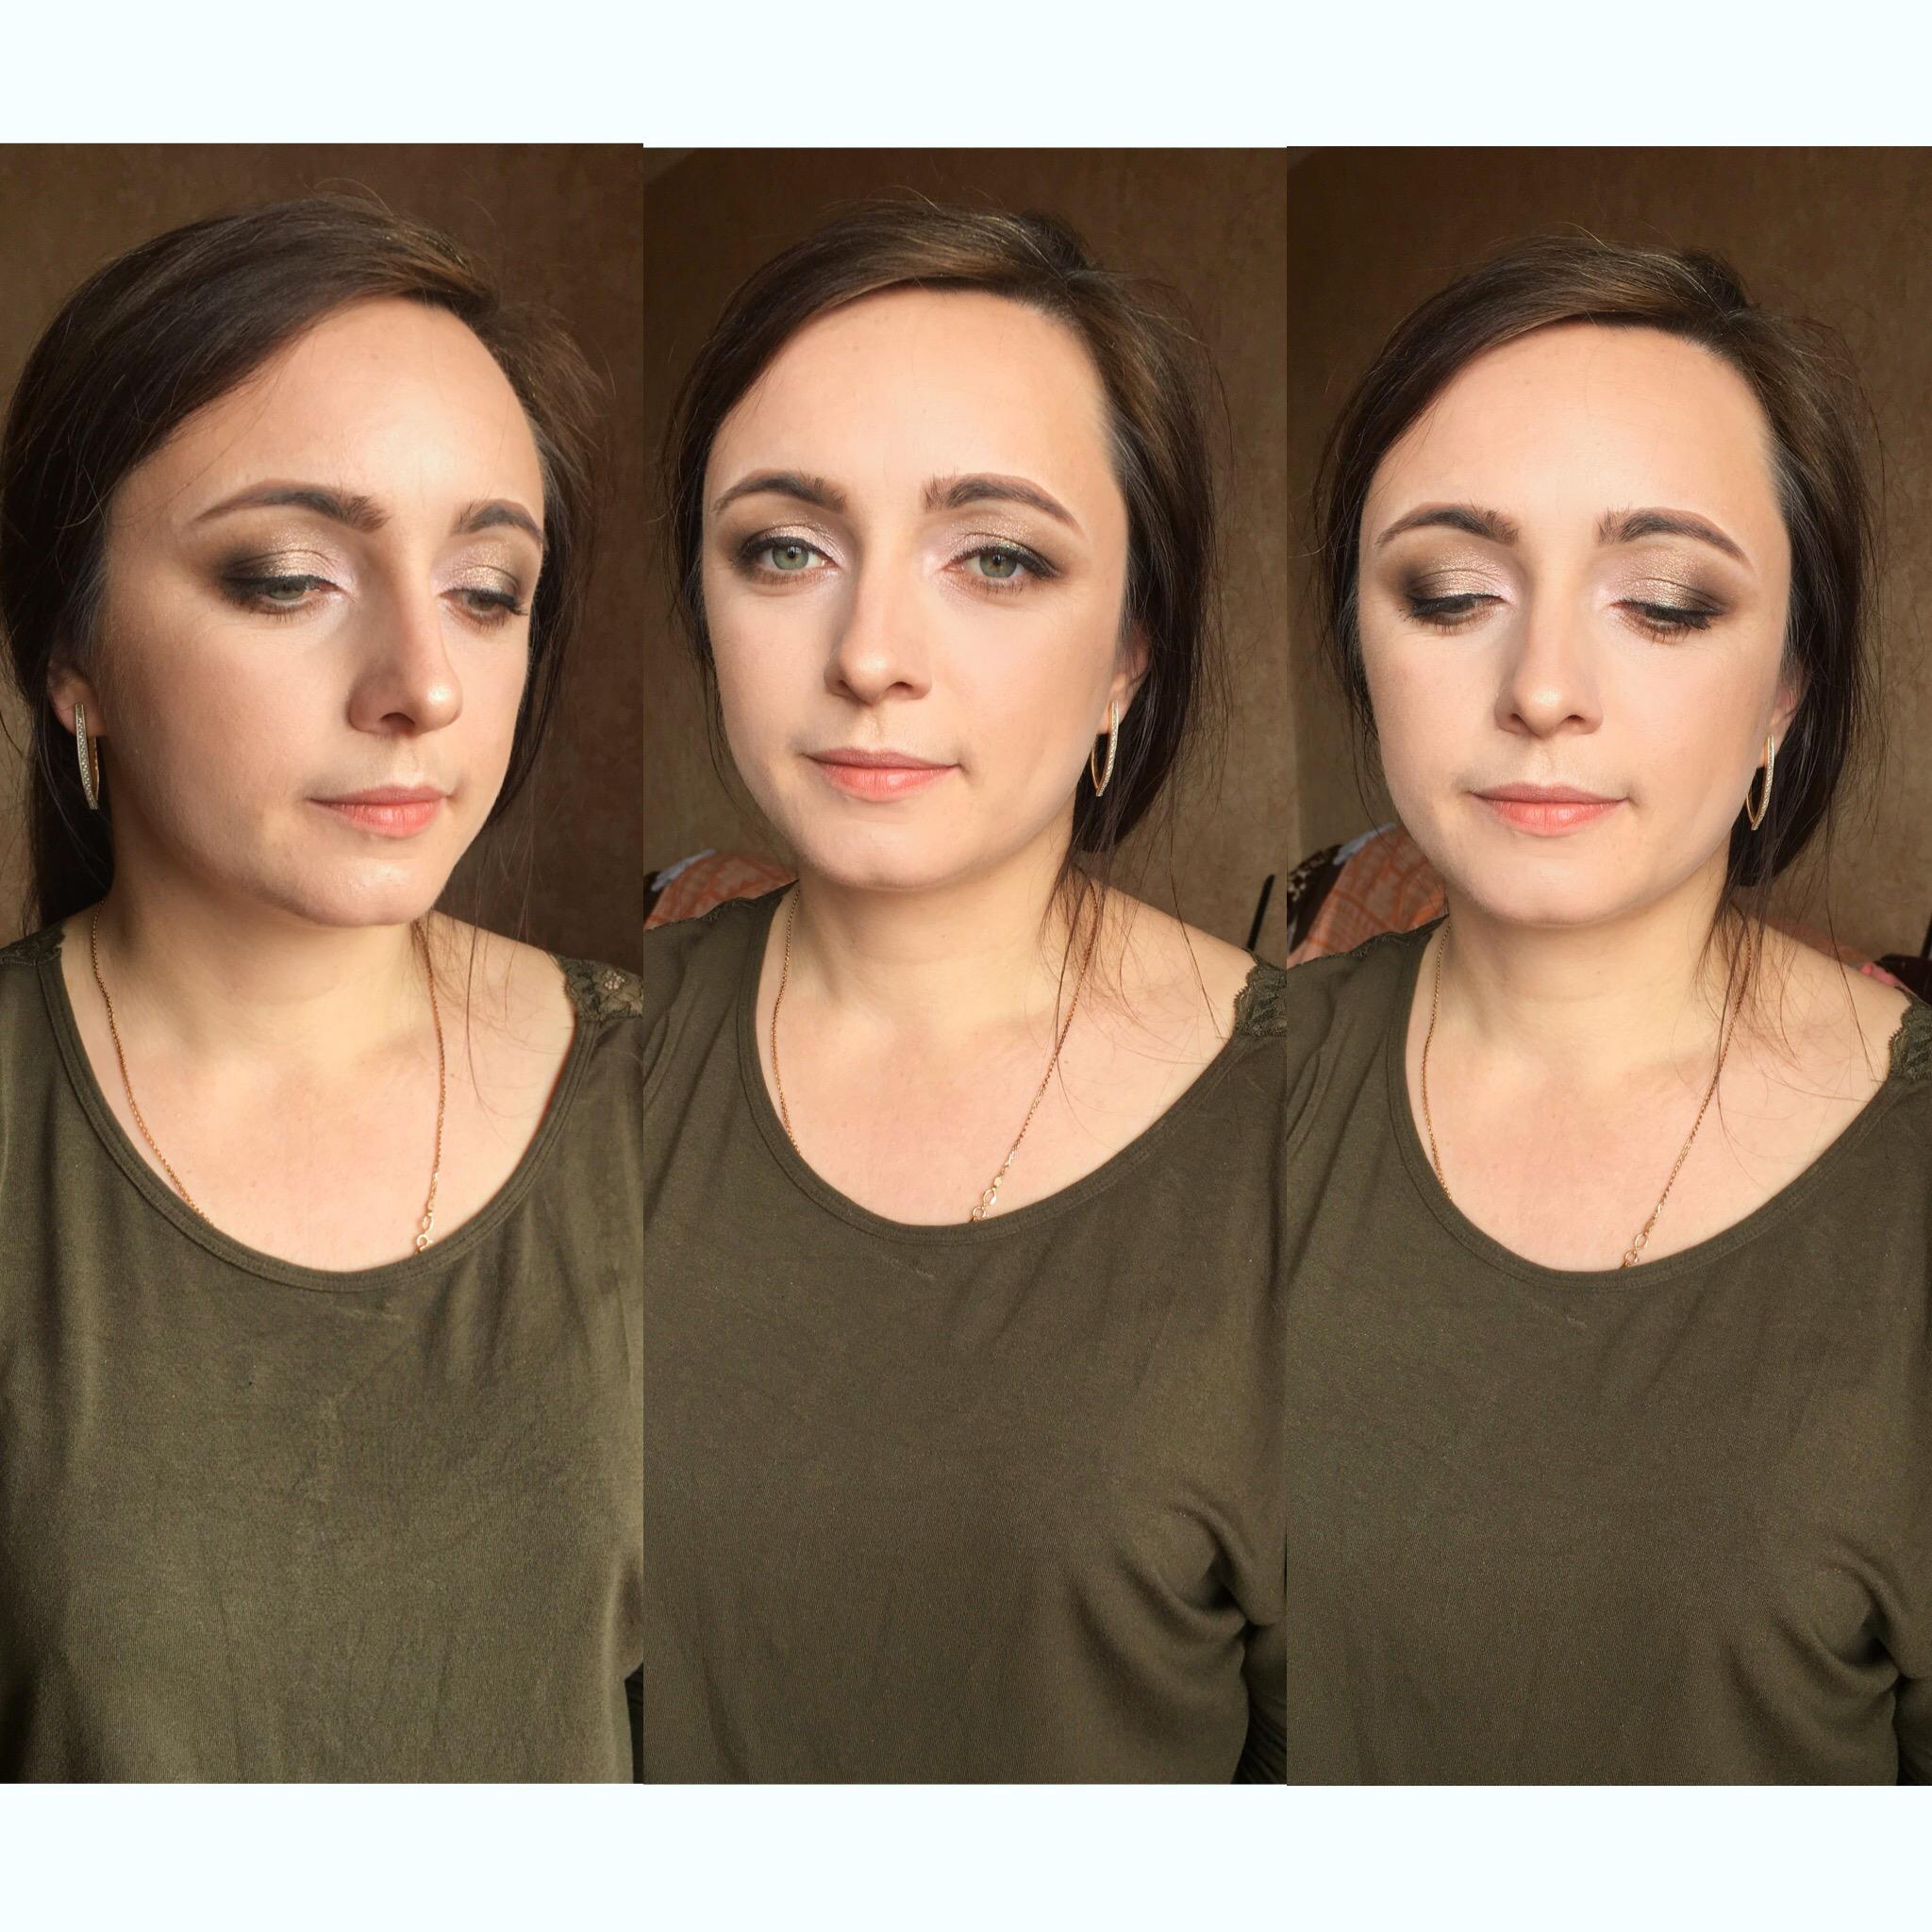 Как подобрать себе макияж по фото они дешевле